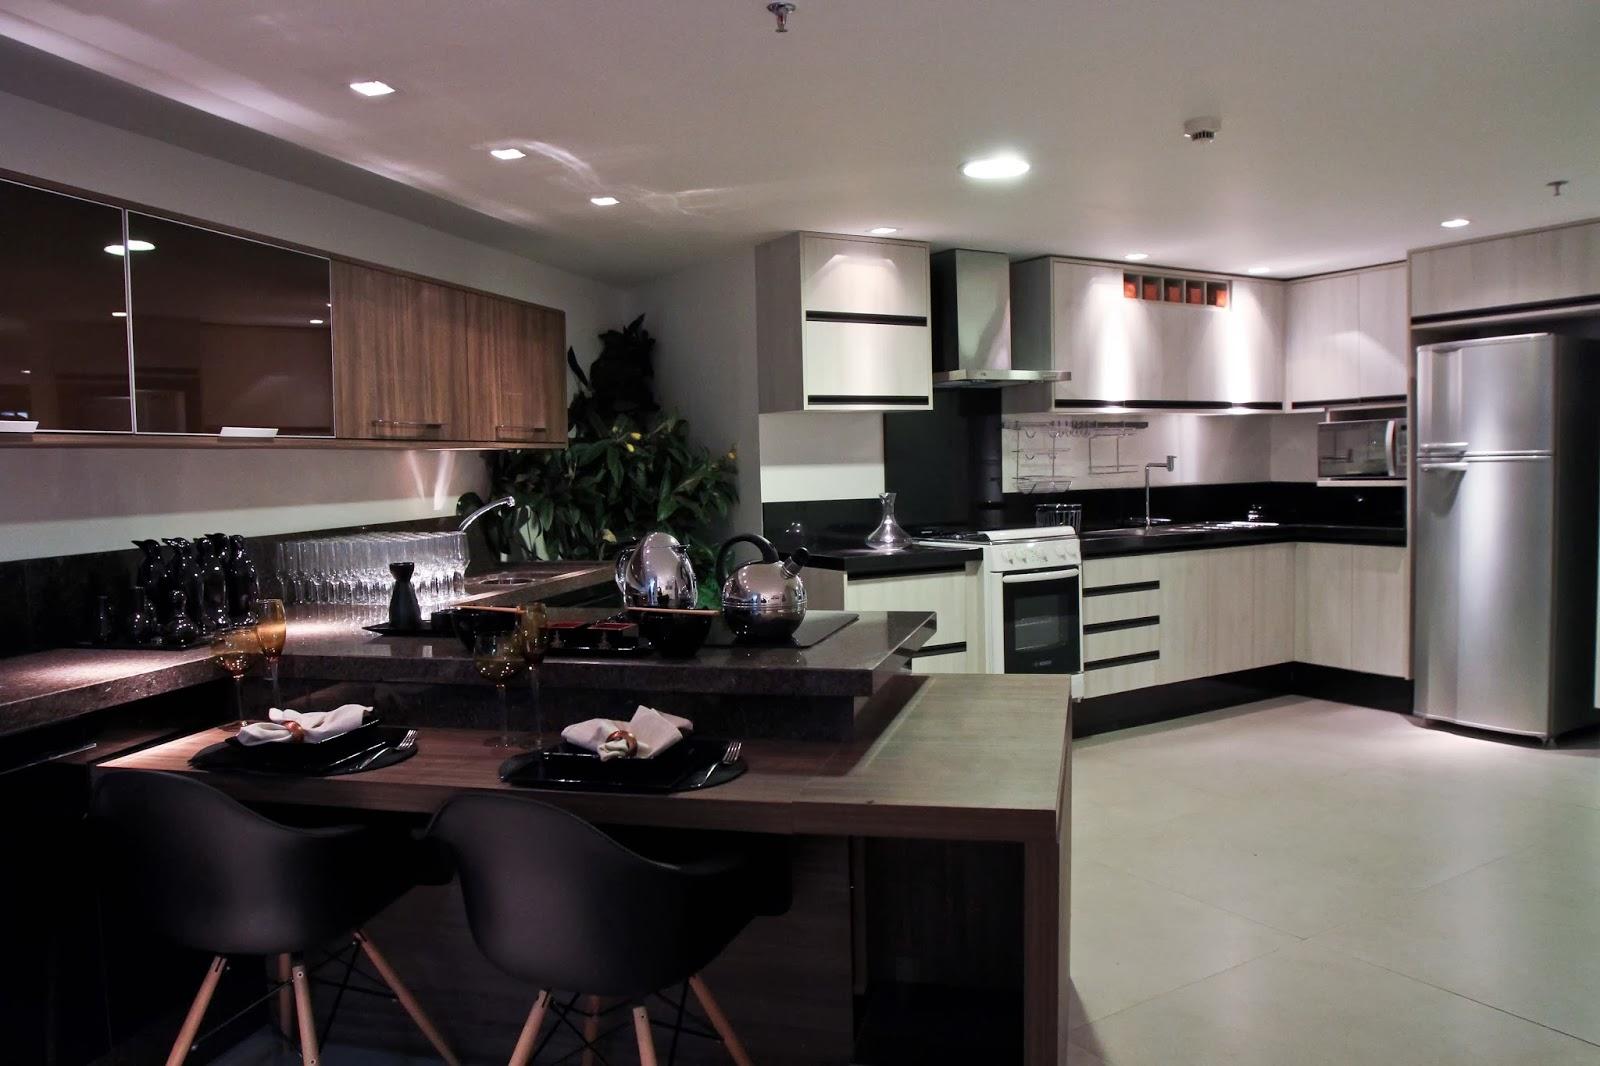 #624A44 cozinha americana altura balcãoIdéias de decoração para casa 1600x1066 px Altura Ideal Para Balcão De Cozinha Americana #1775 imagens